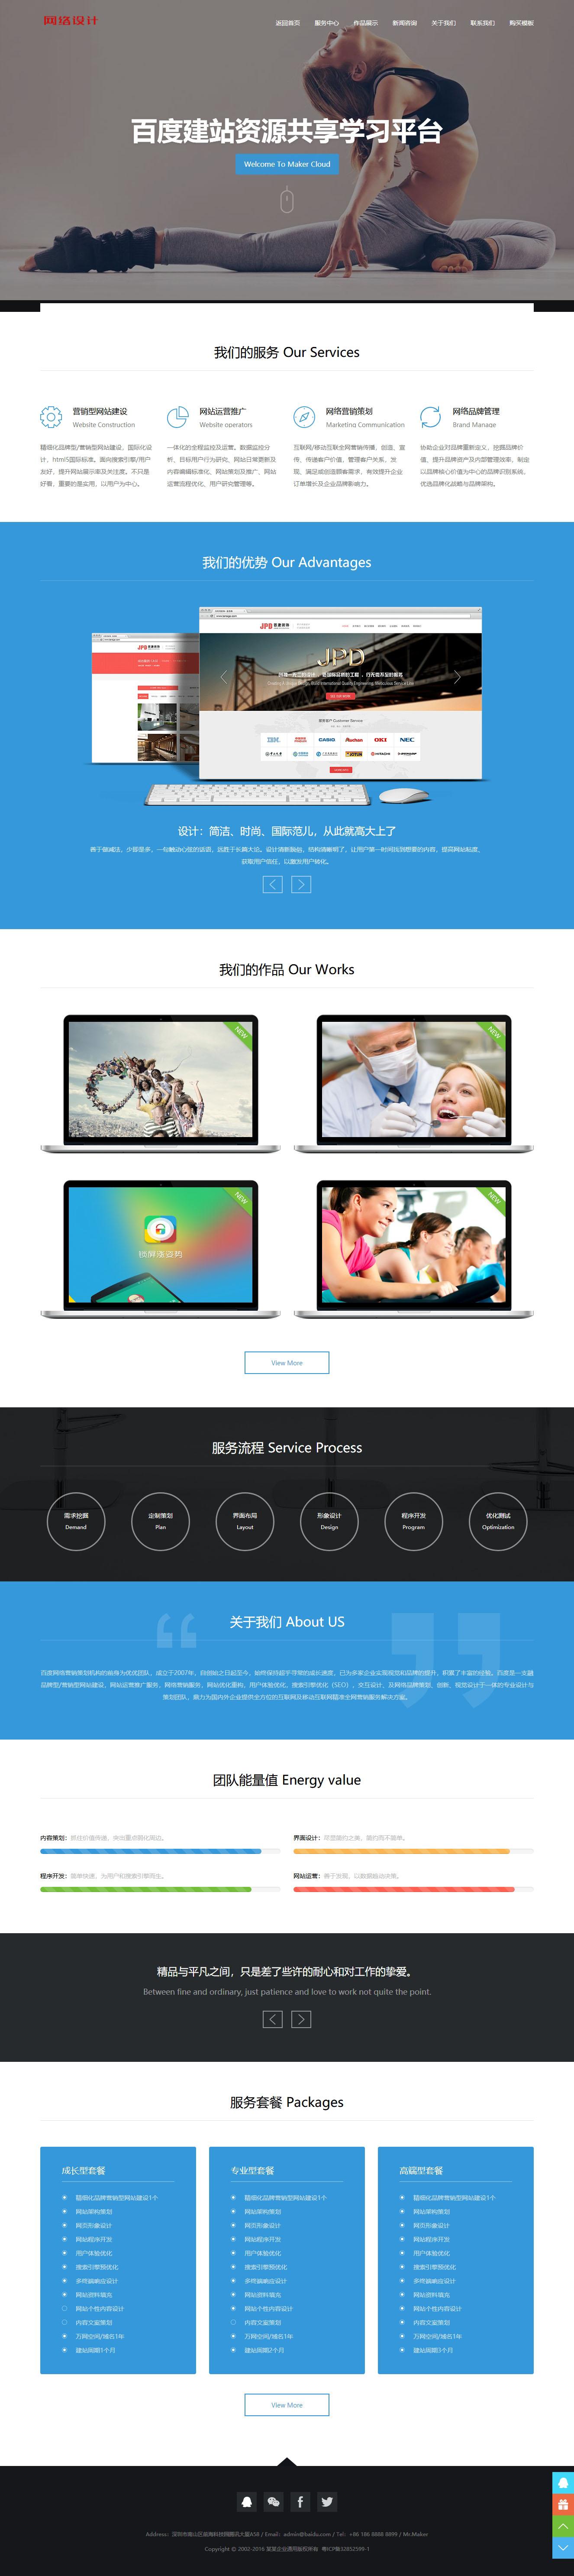 响应式网络设计资源共享类企业网站织梦dedecms模板(自适应手机端)